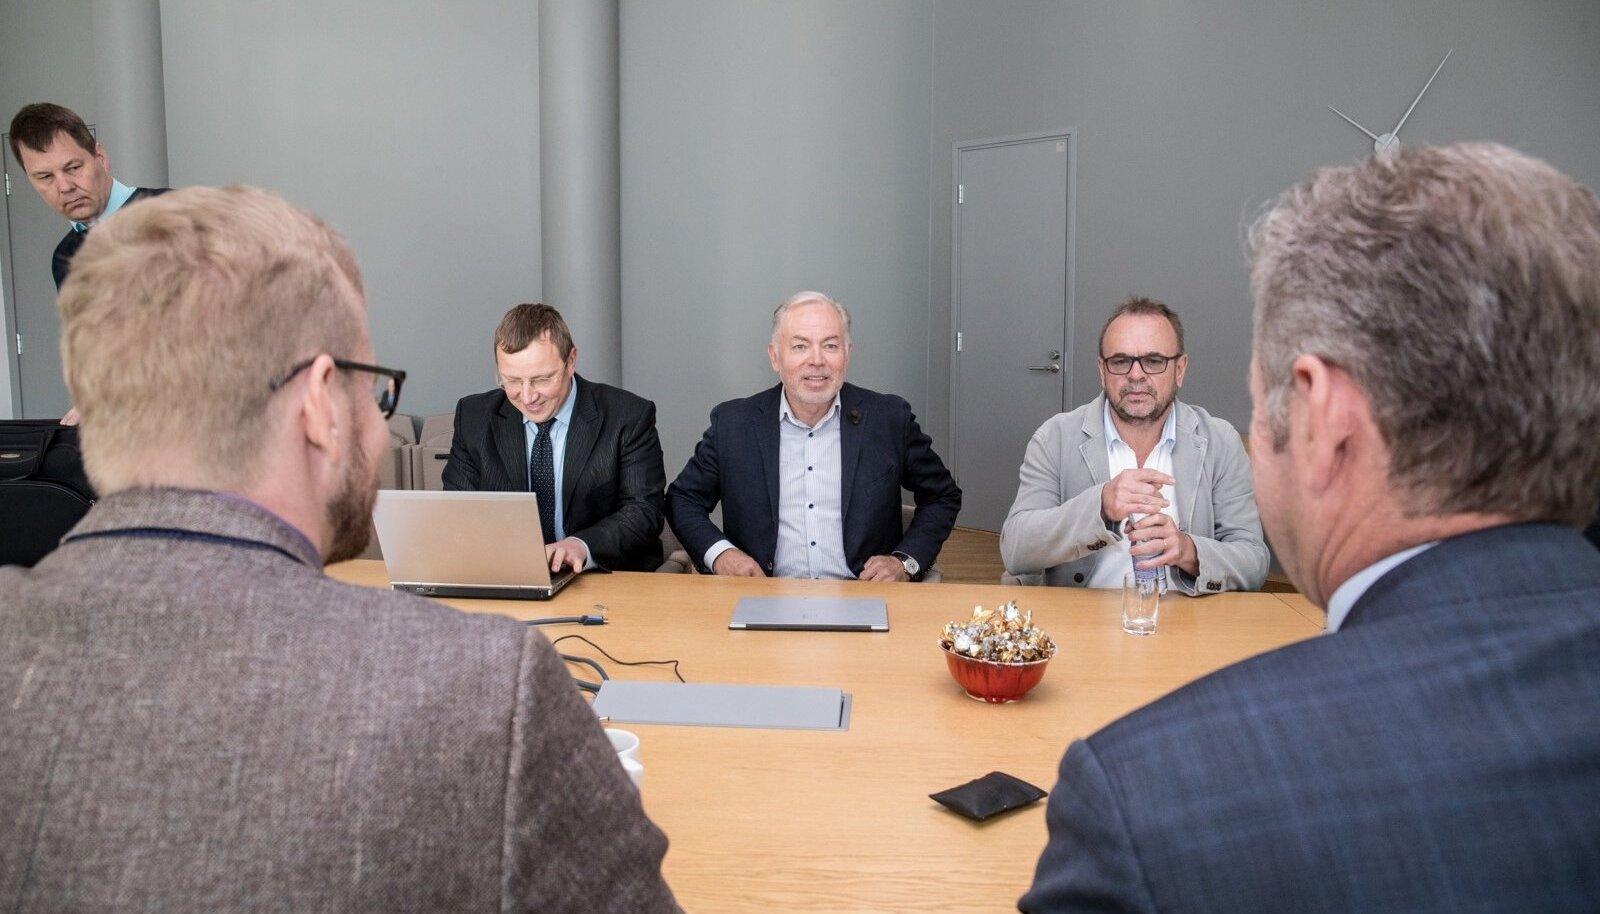 Lääne Raudtee esindajad Eesti Raudtee nõukogu ja juhatusega kohtumas